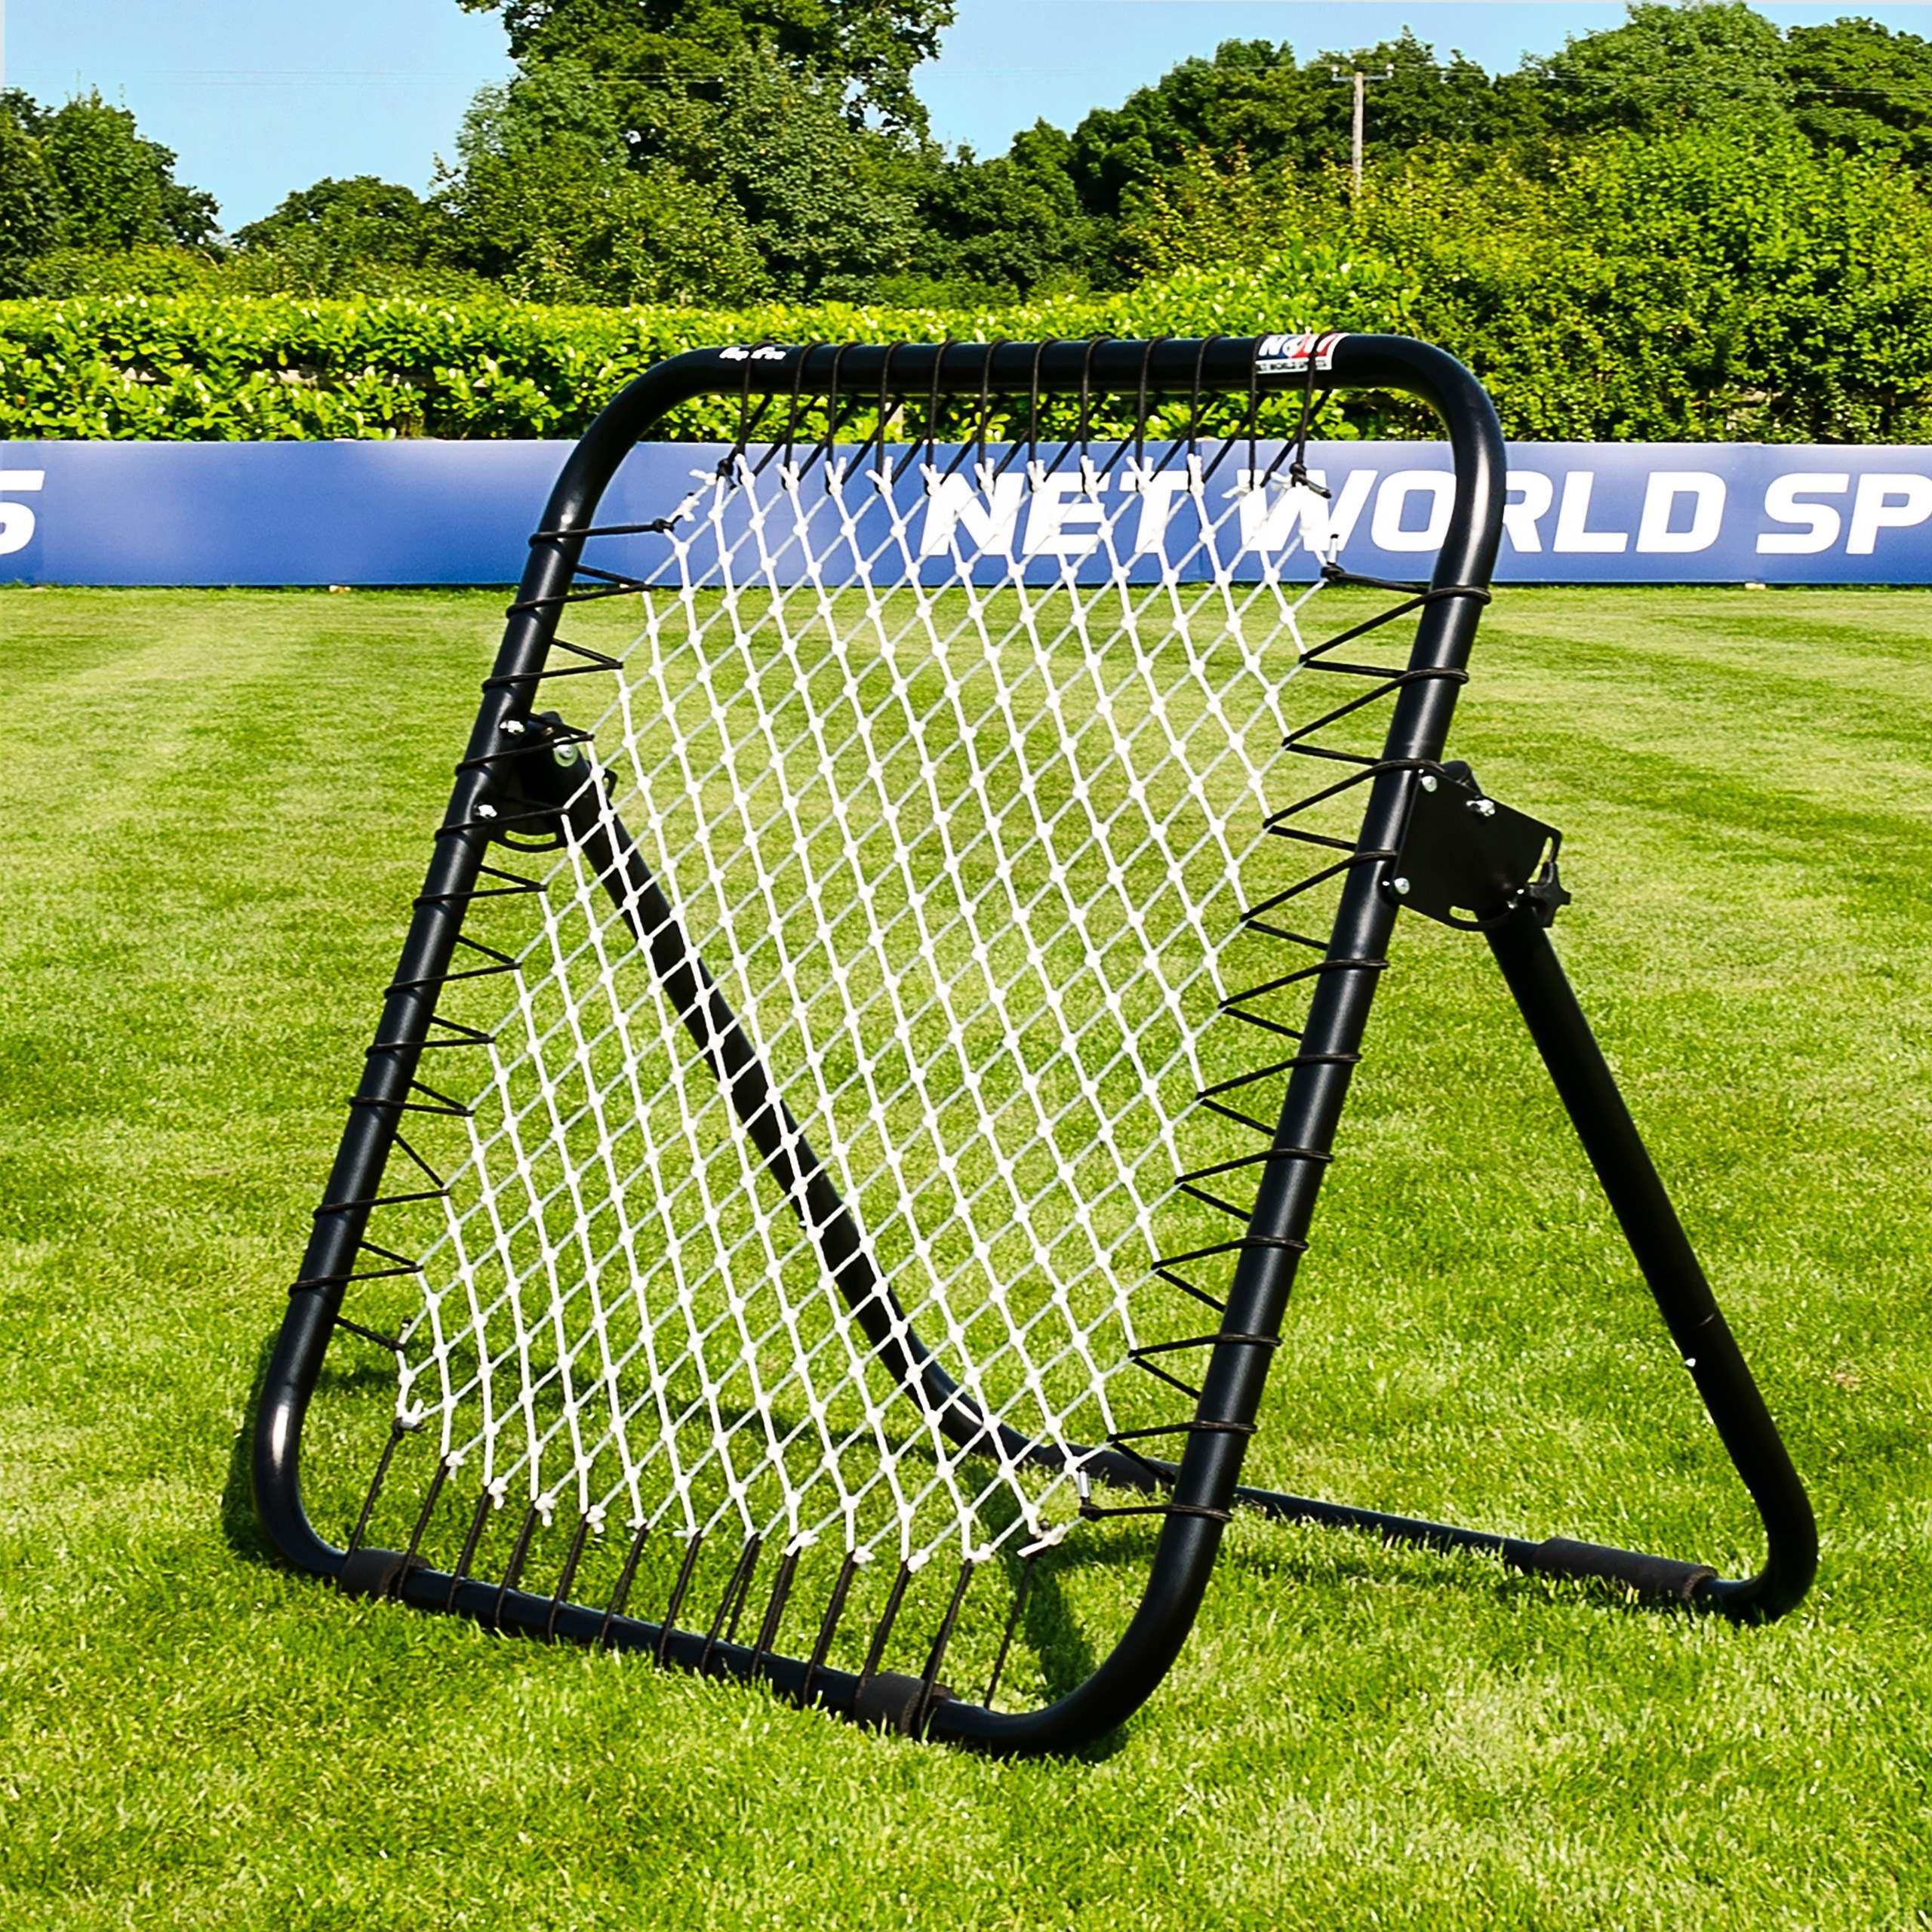 RapidFire Lacrosse Rebound Net   Lacrosse Equipment   Net ...